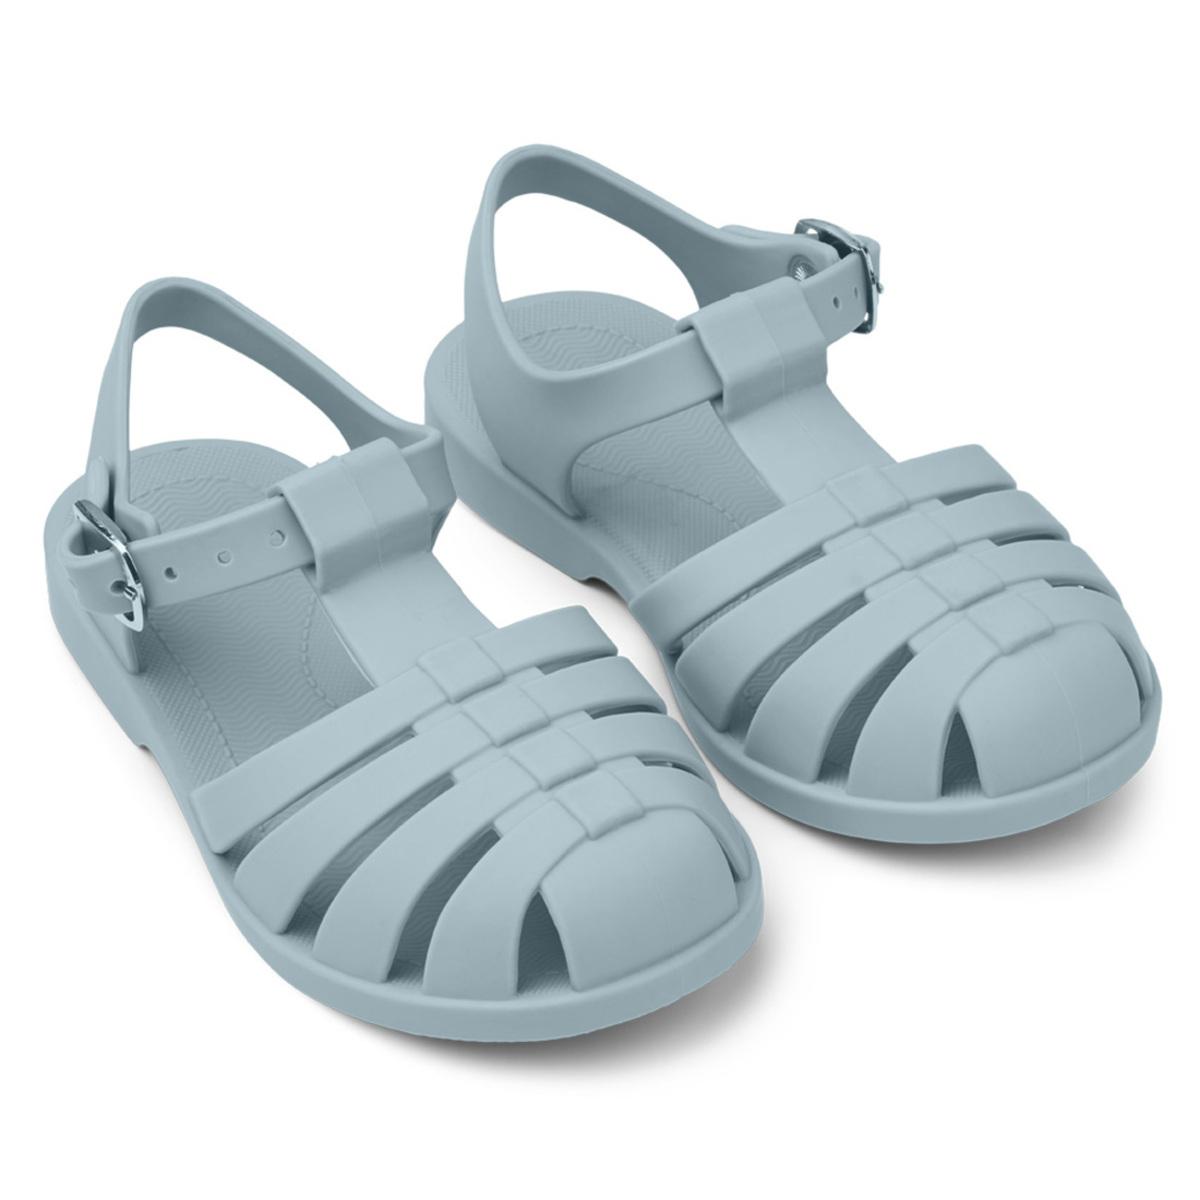 Chaussons & Chaussures Sandales Bre Sea Blue - 21 Sandales Bre Sea Blue - 21